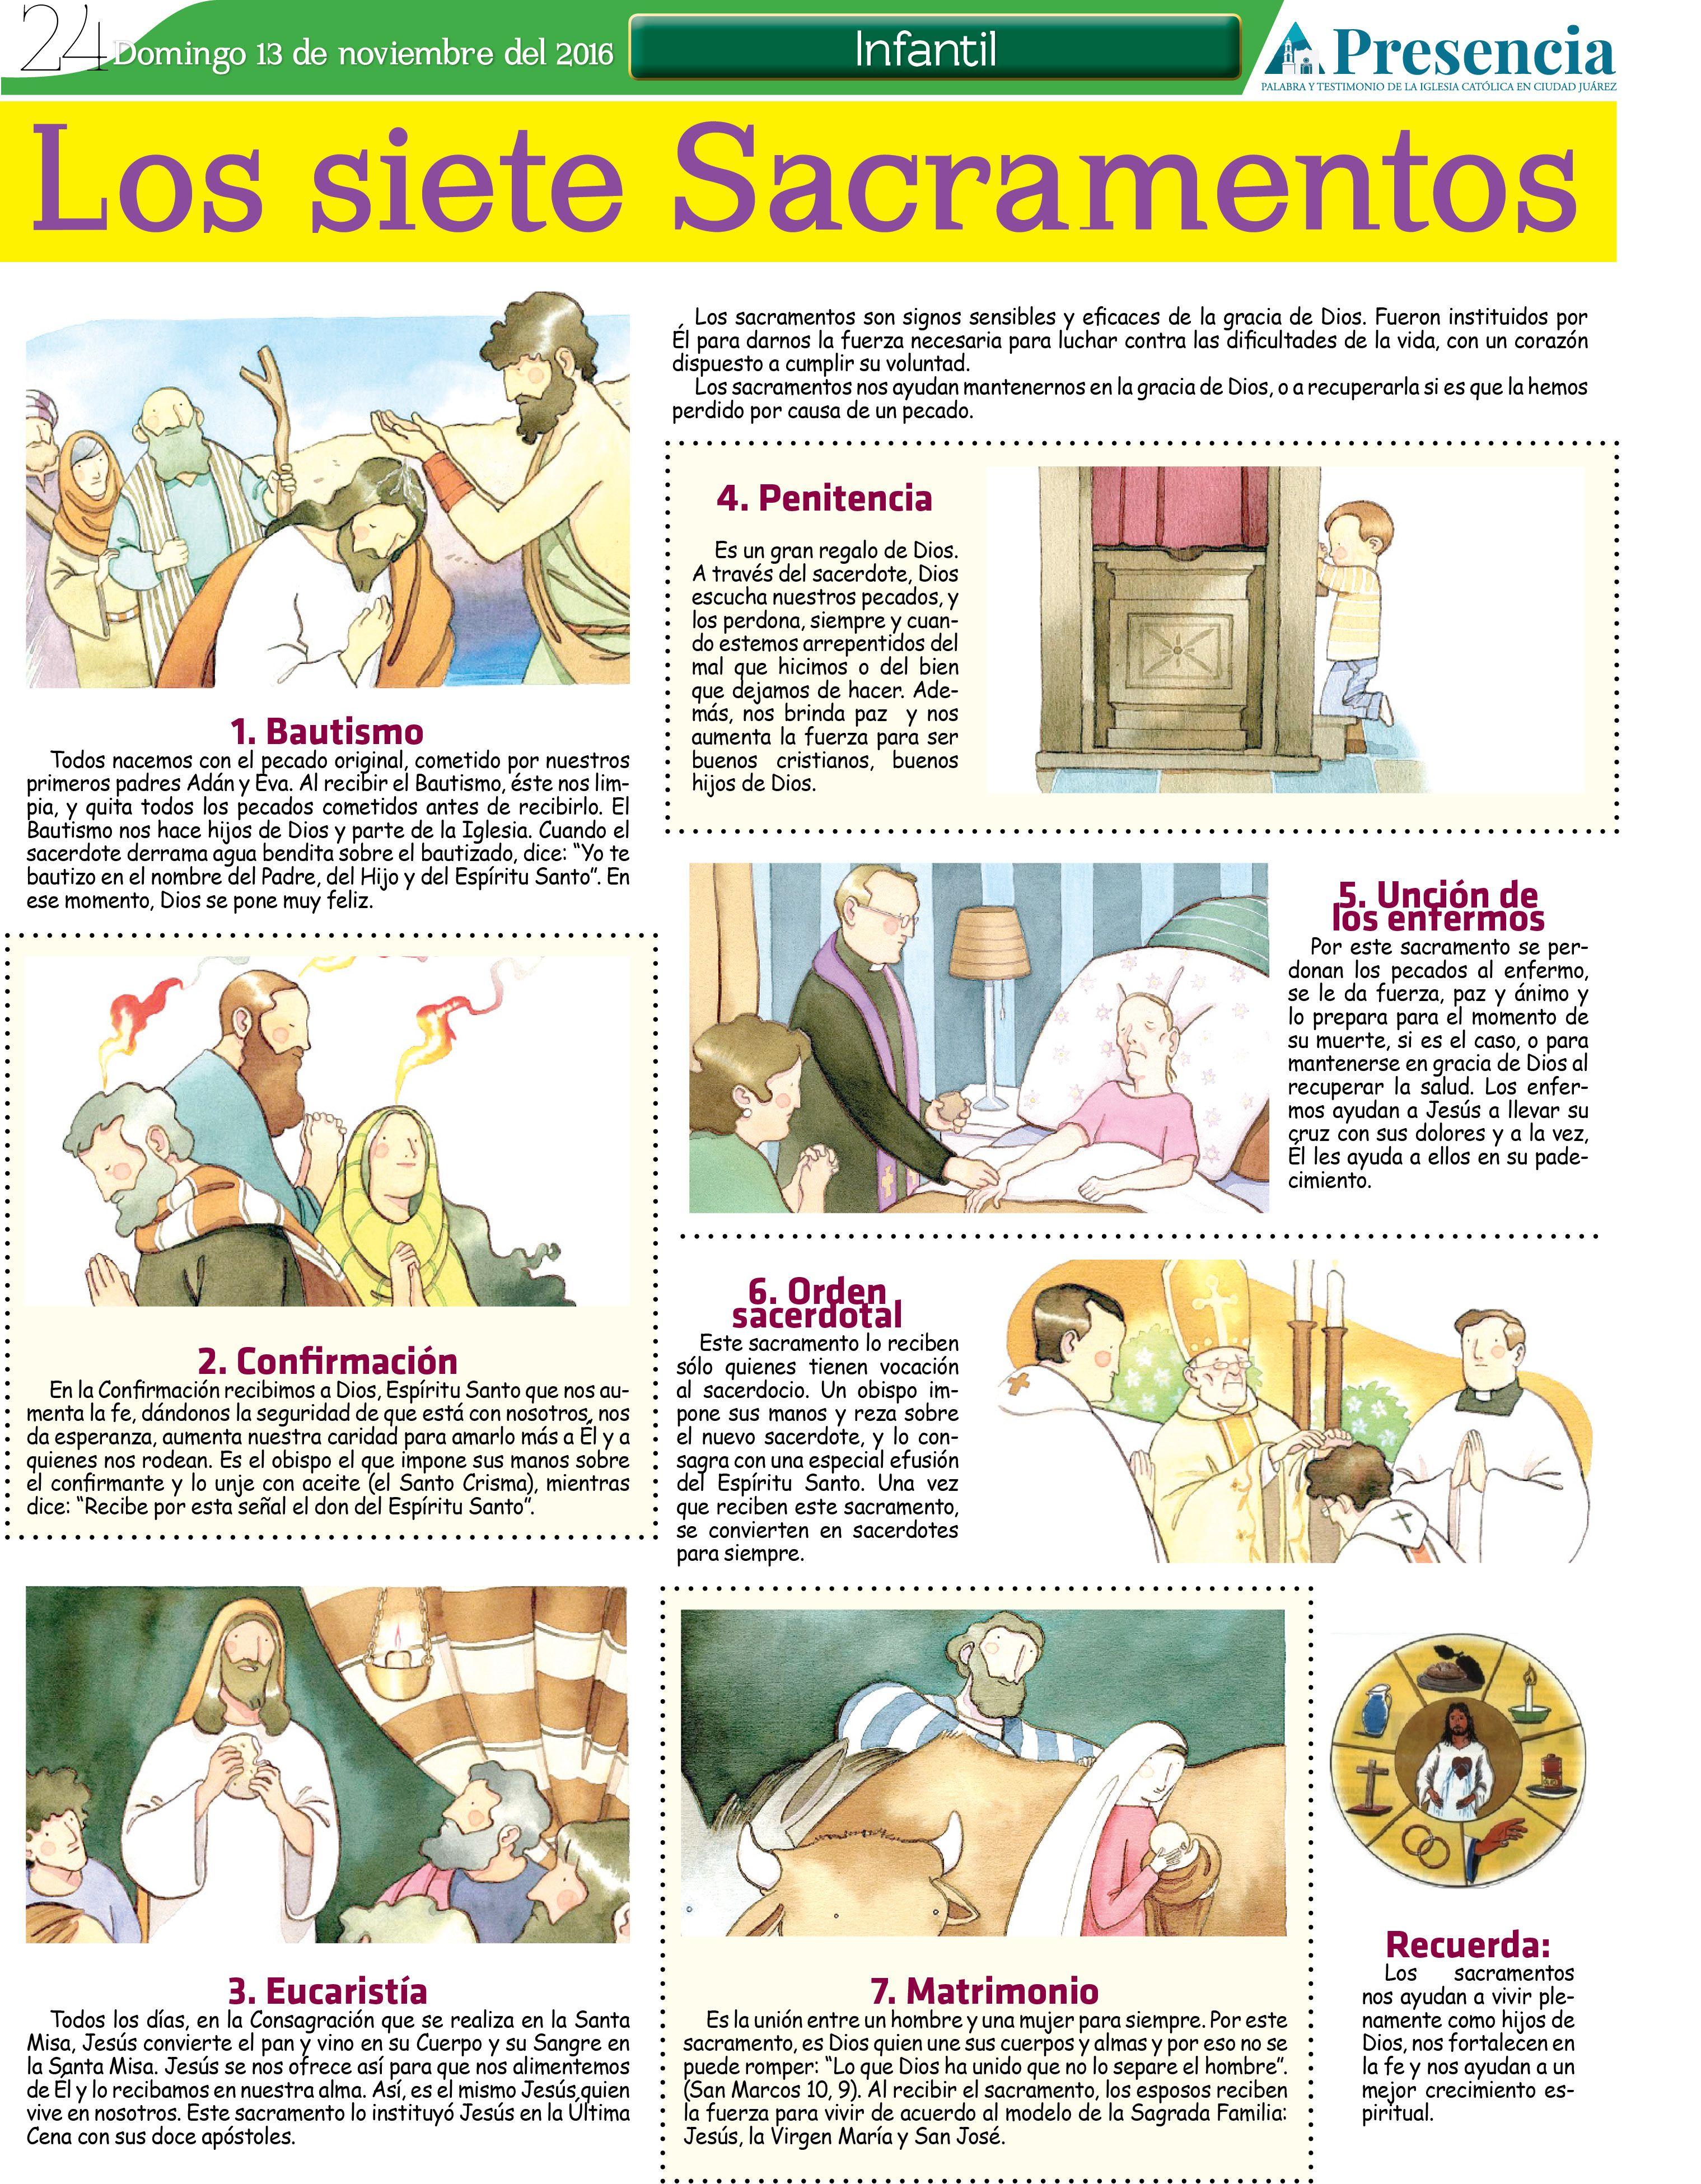 Los 7 Sacramentos Presencia Digital Los 7 Sacramentos Temas De Catequesis Educación Religiosa Católica